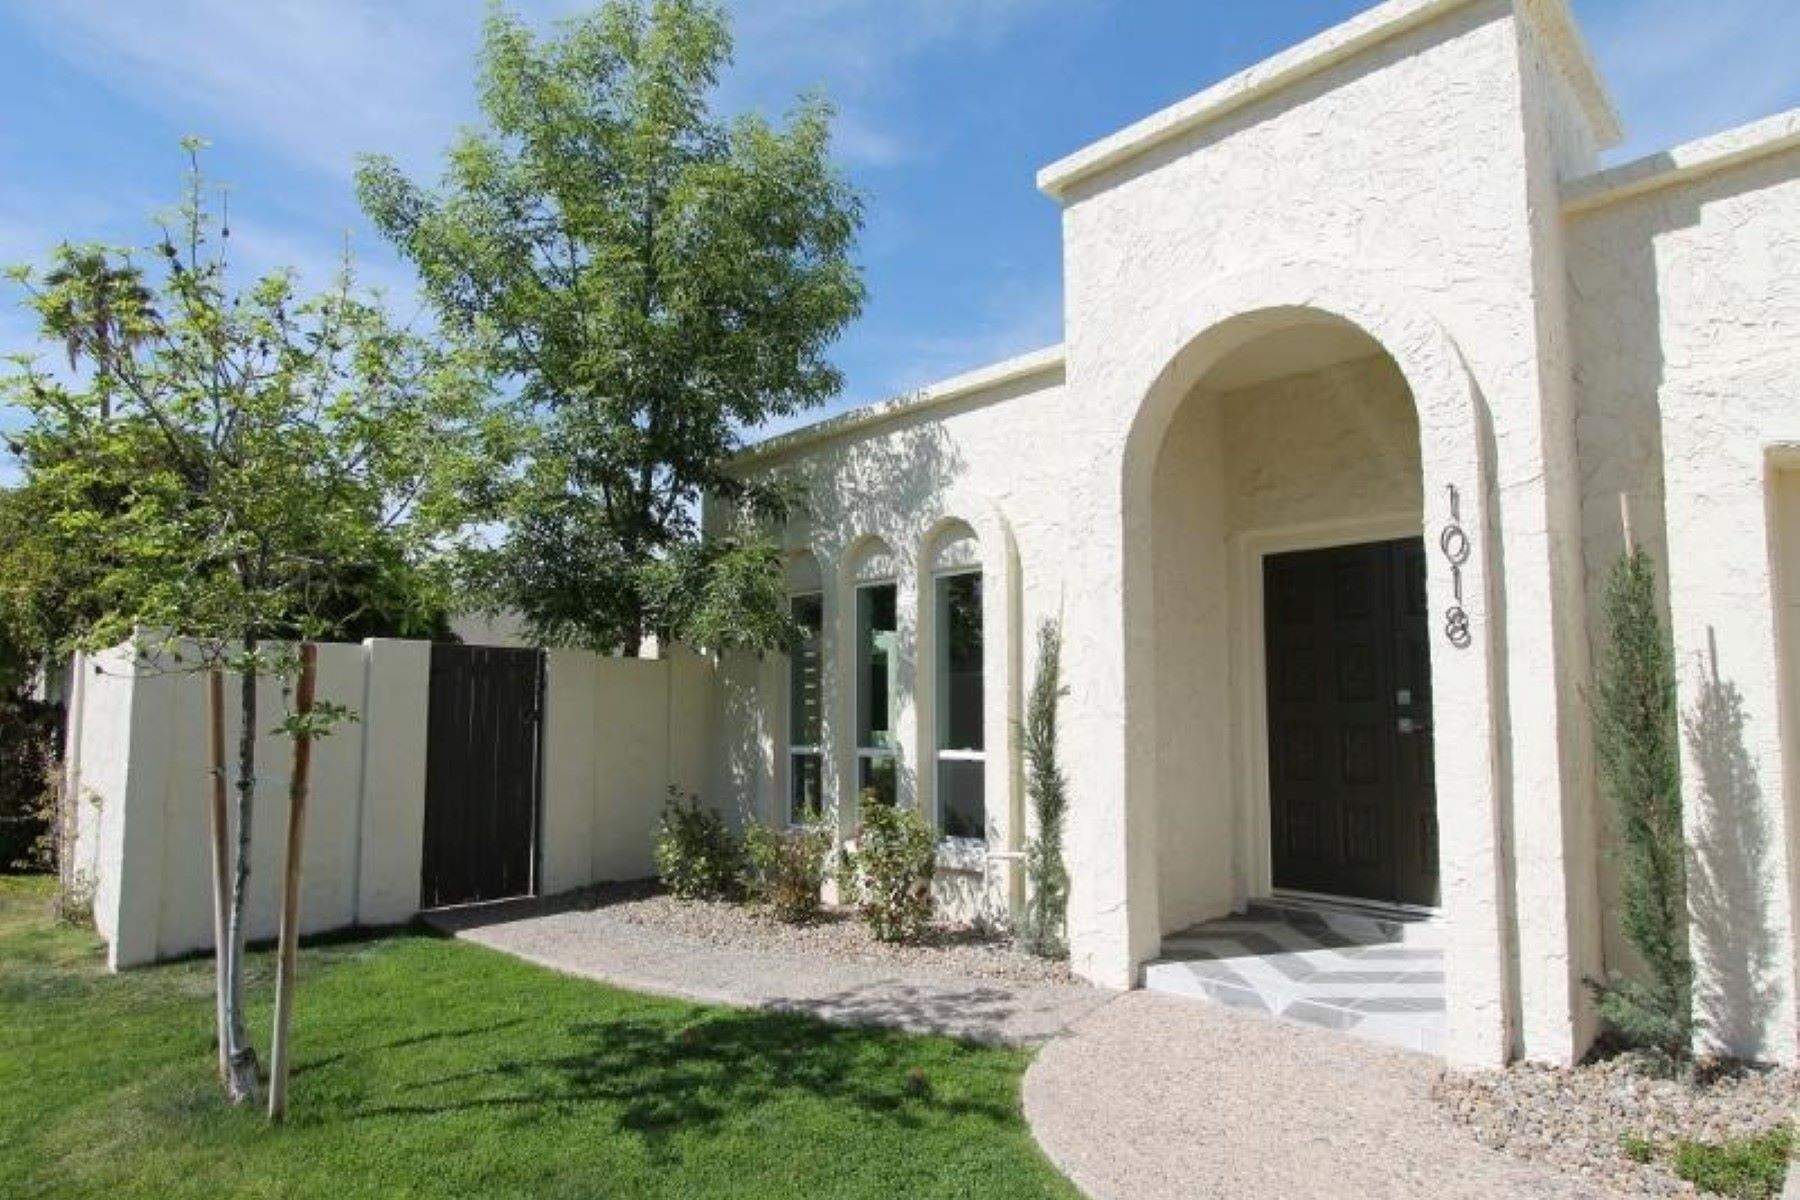 Таунхаус для того Продажа на Lovely single level patio home 1018 W Solar Dr Phoenix, Аризона, 85021 Соединенные Штаты